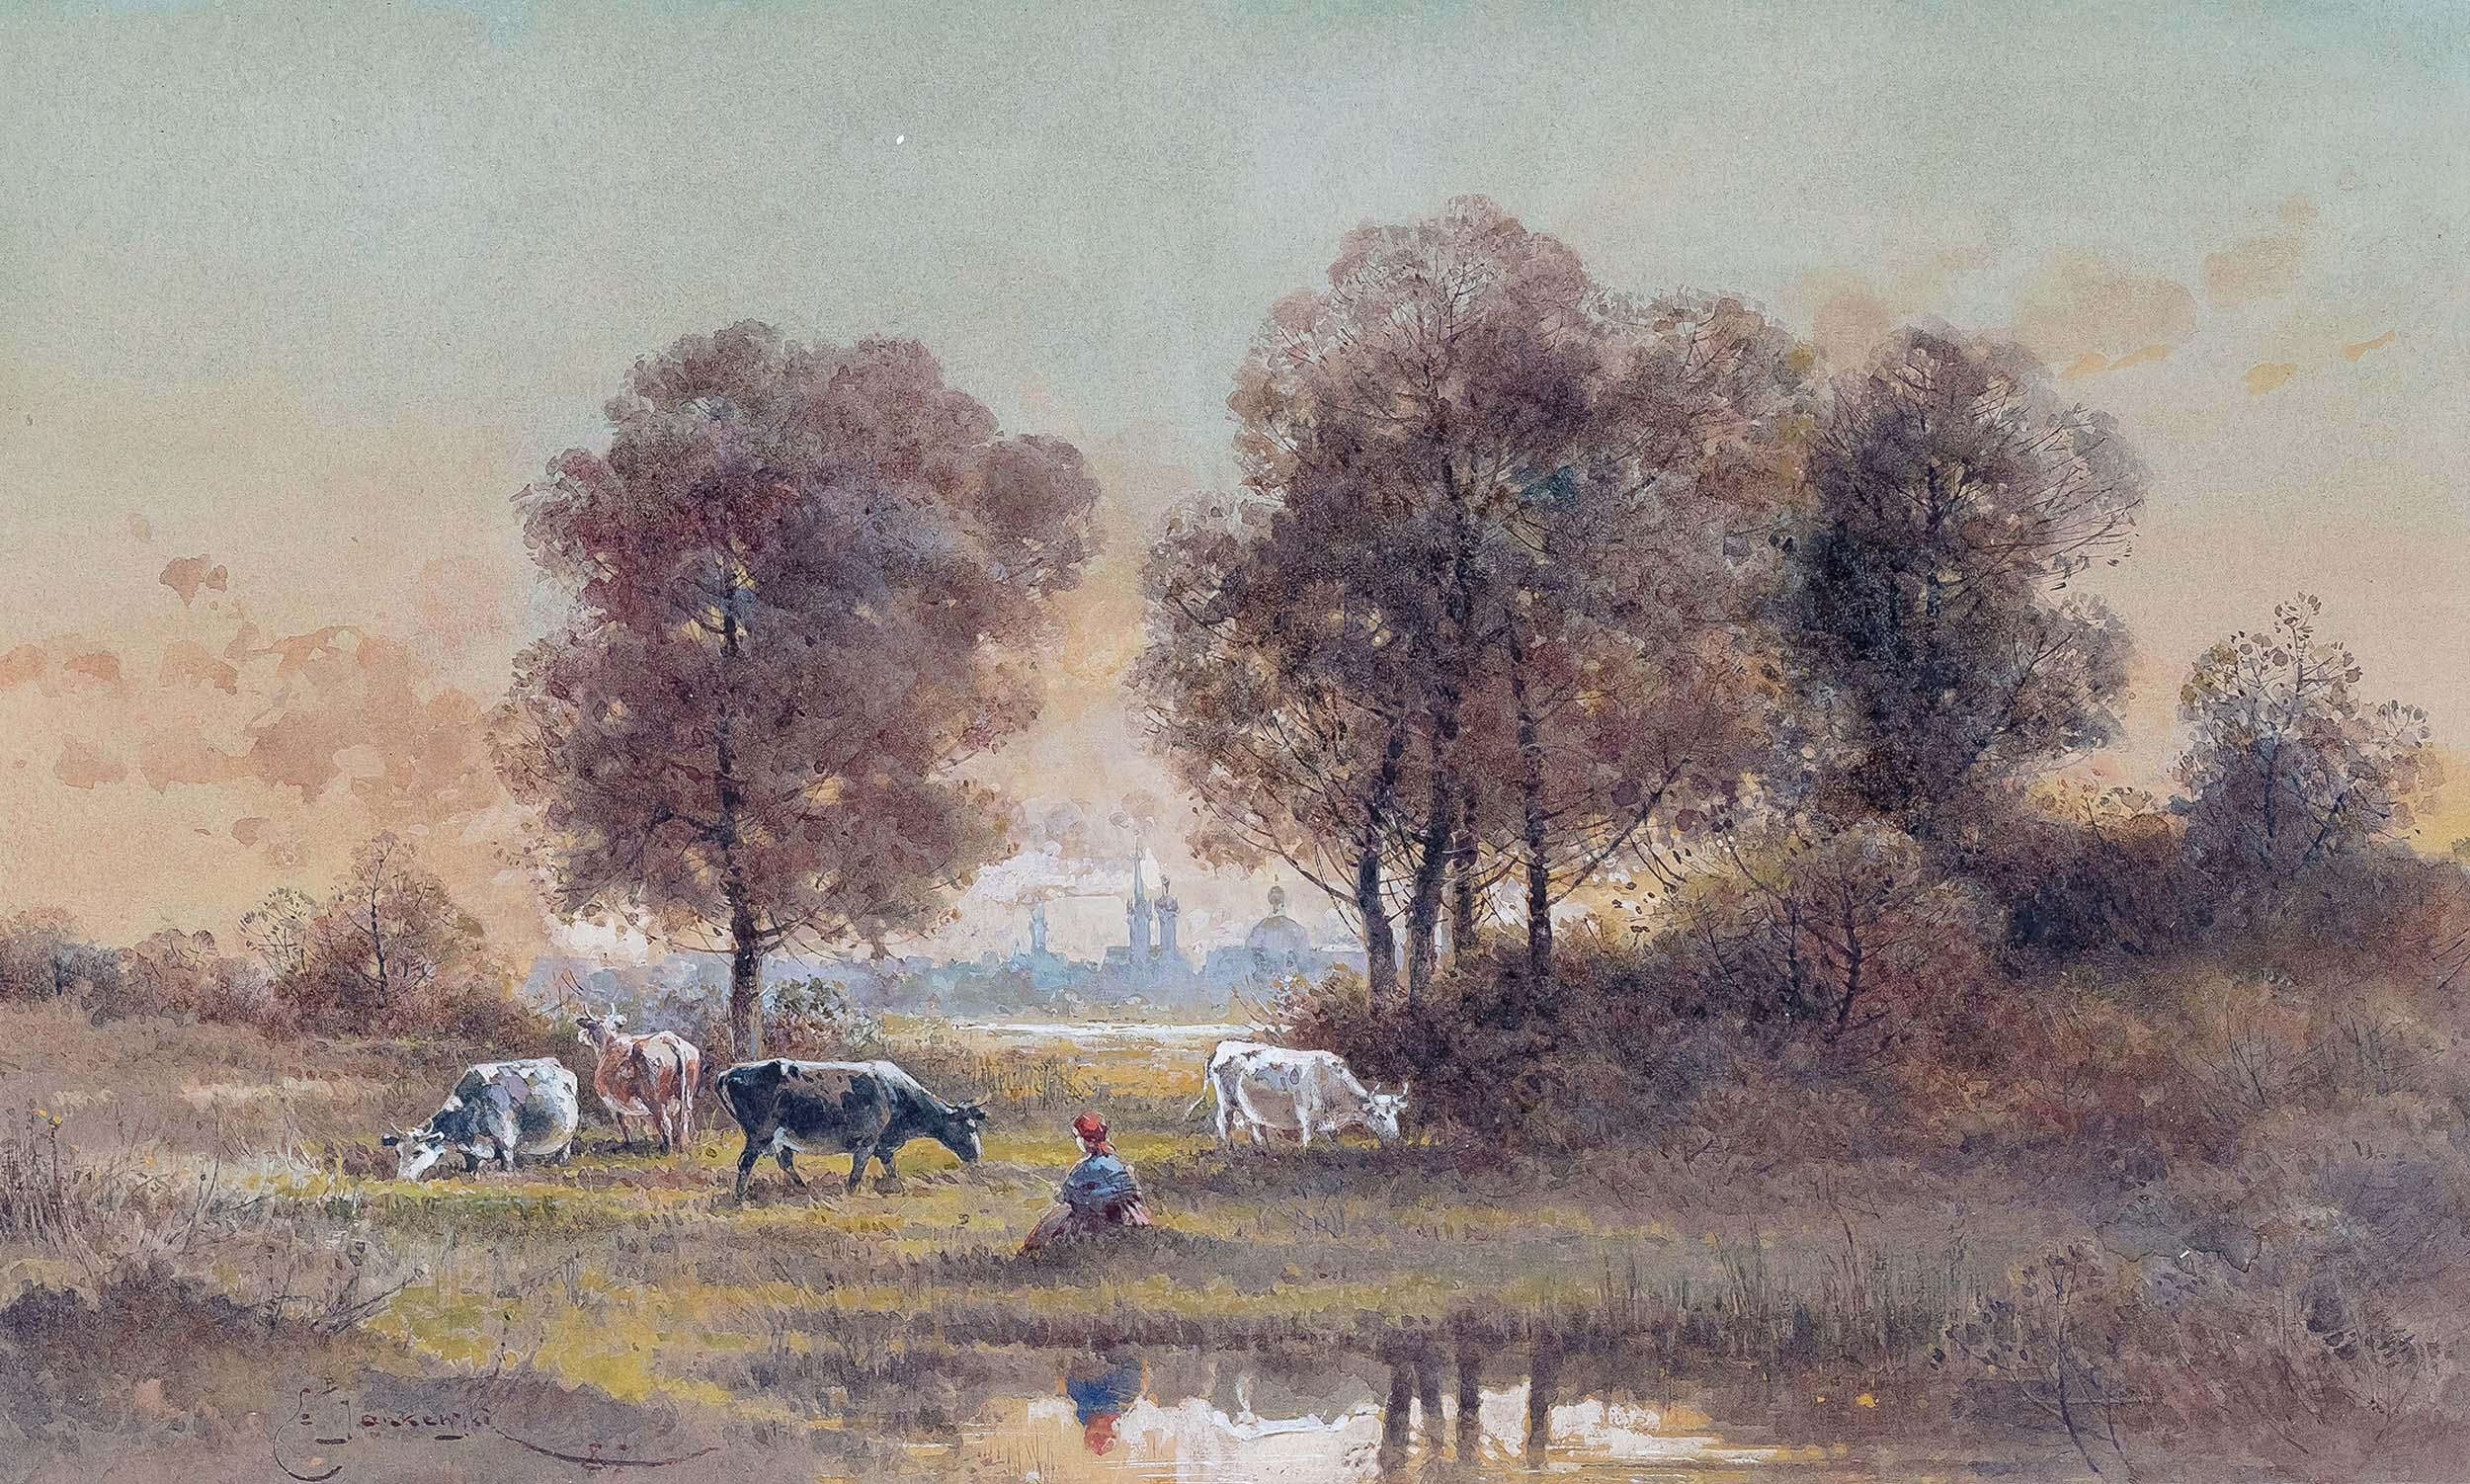 Pejzaż z pastuszką krów i Krakowem w tle, 1887